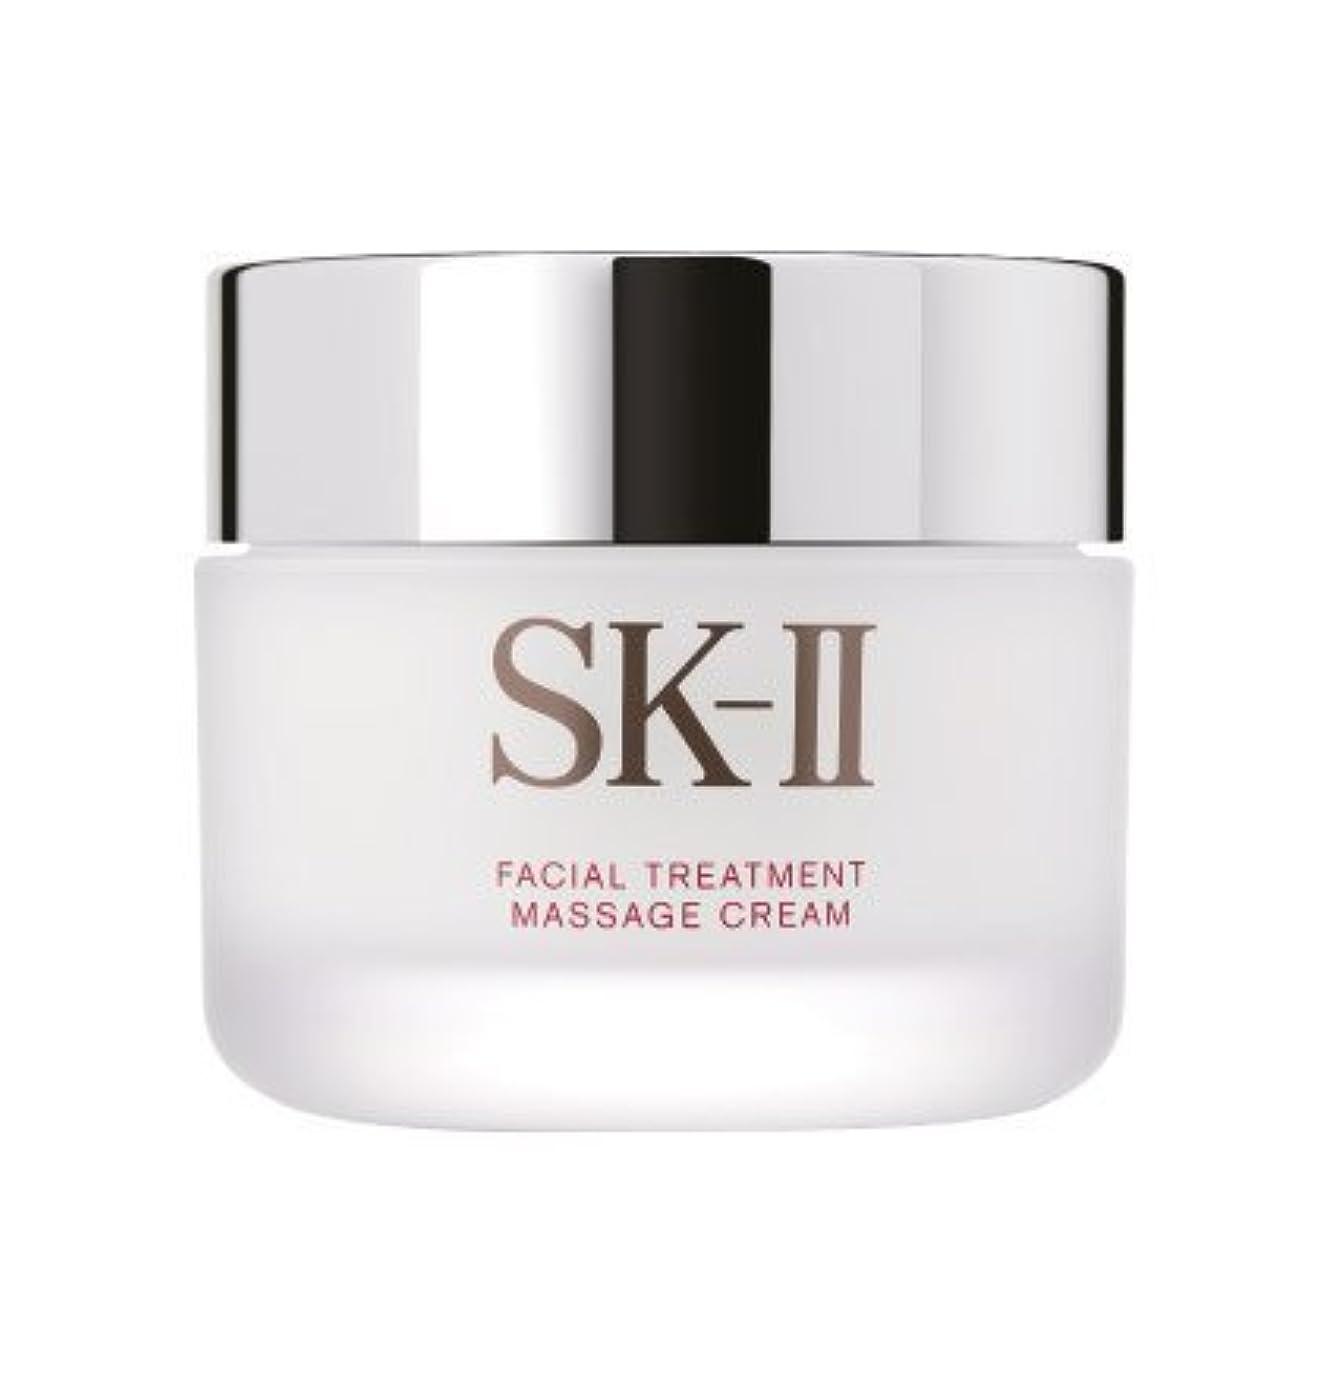 噂申し立てられた水差しSK-II フェイシャル トリートメント マッサージ クリーム 80g SK2 マックスファクター 化粧品 美容 クリーム